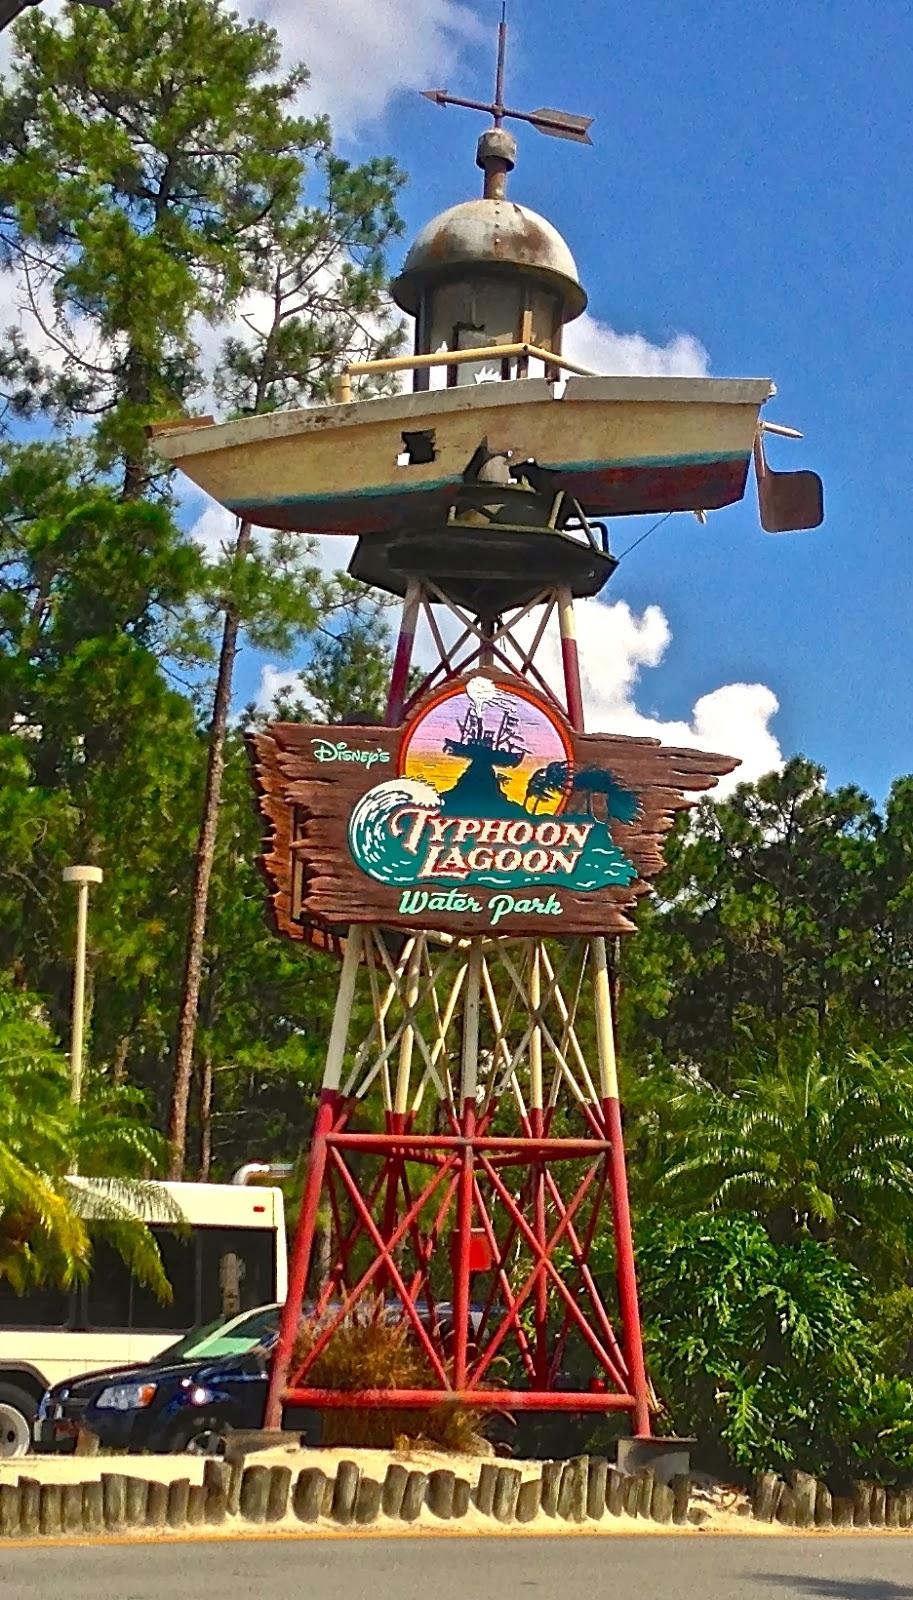 Typhoon Lagoon, Walt Disney World   Morgan's Milieu: Typhoon Lagoon Entrance